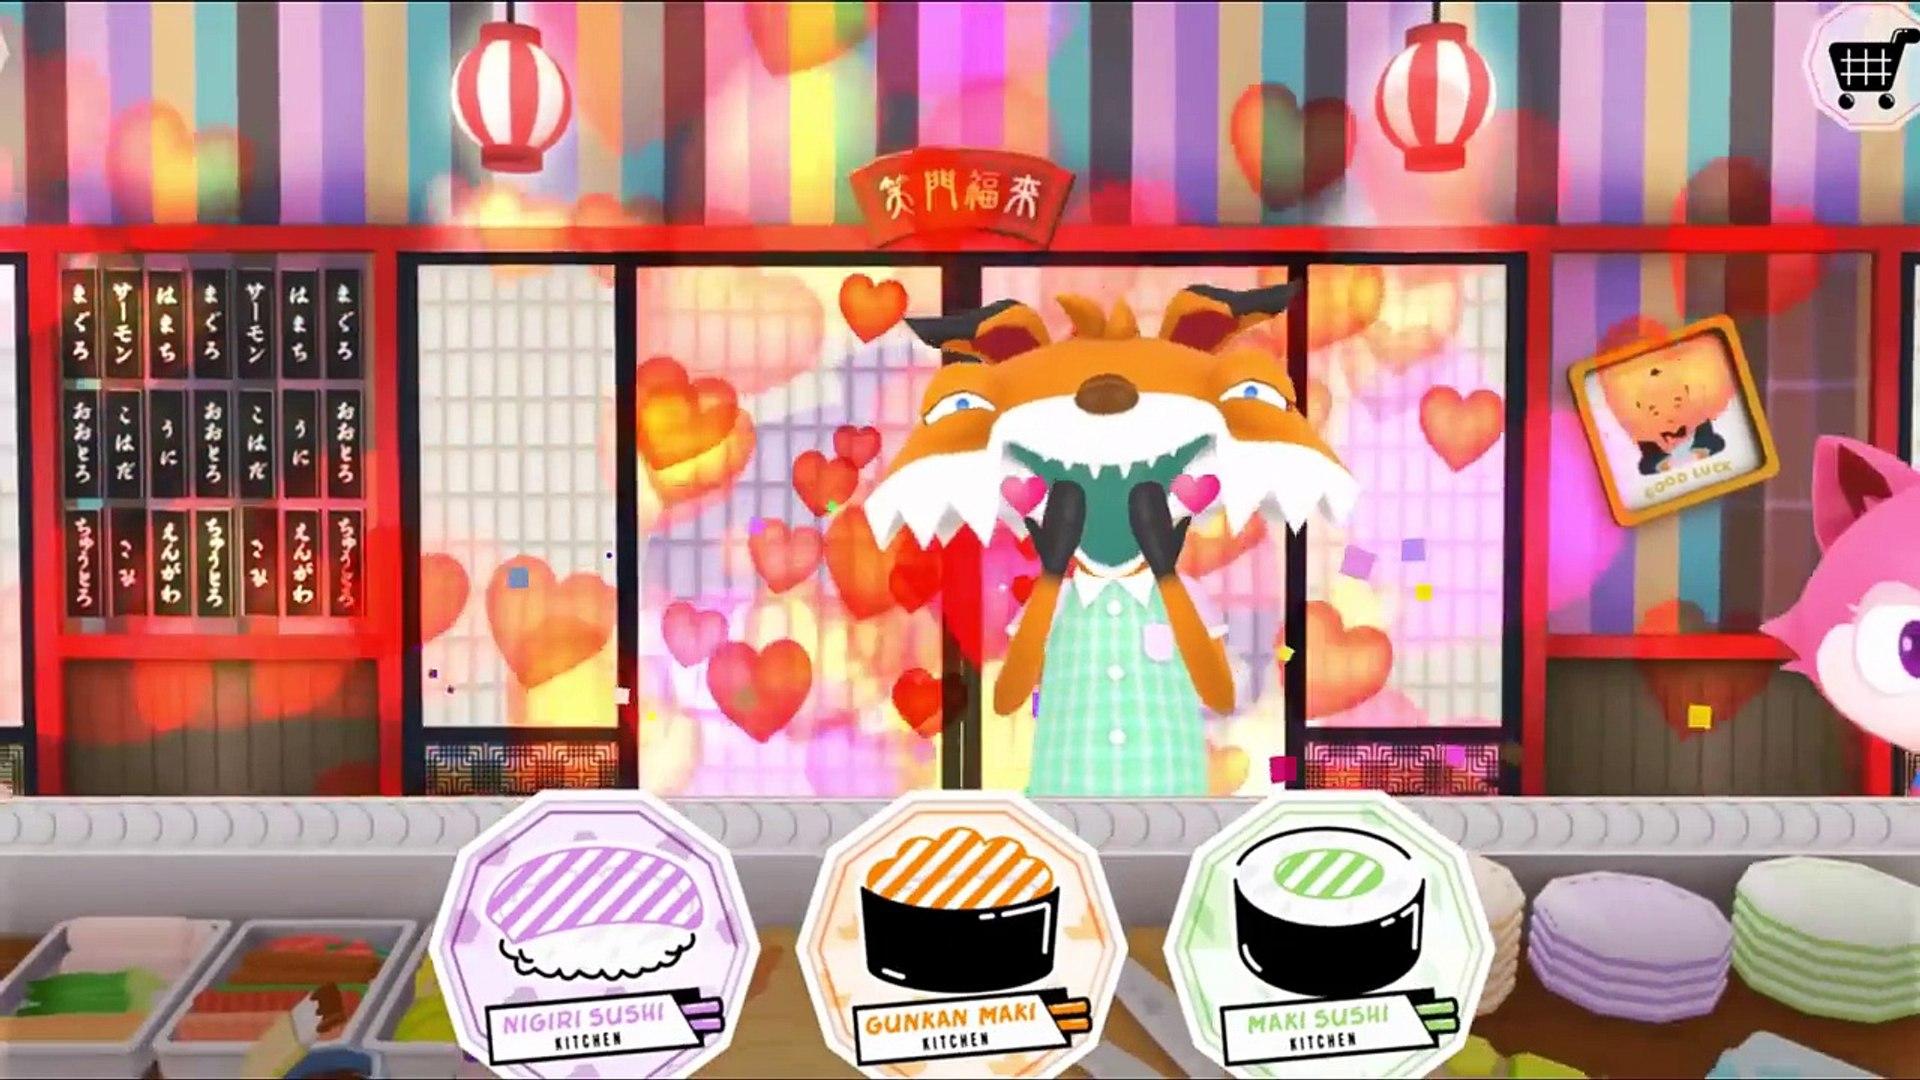 Kids Play Fun Kitchen Kids Games & Fun Cooking Games For Children - Kids Fun Making Yummy Food